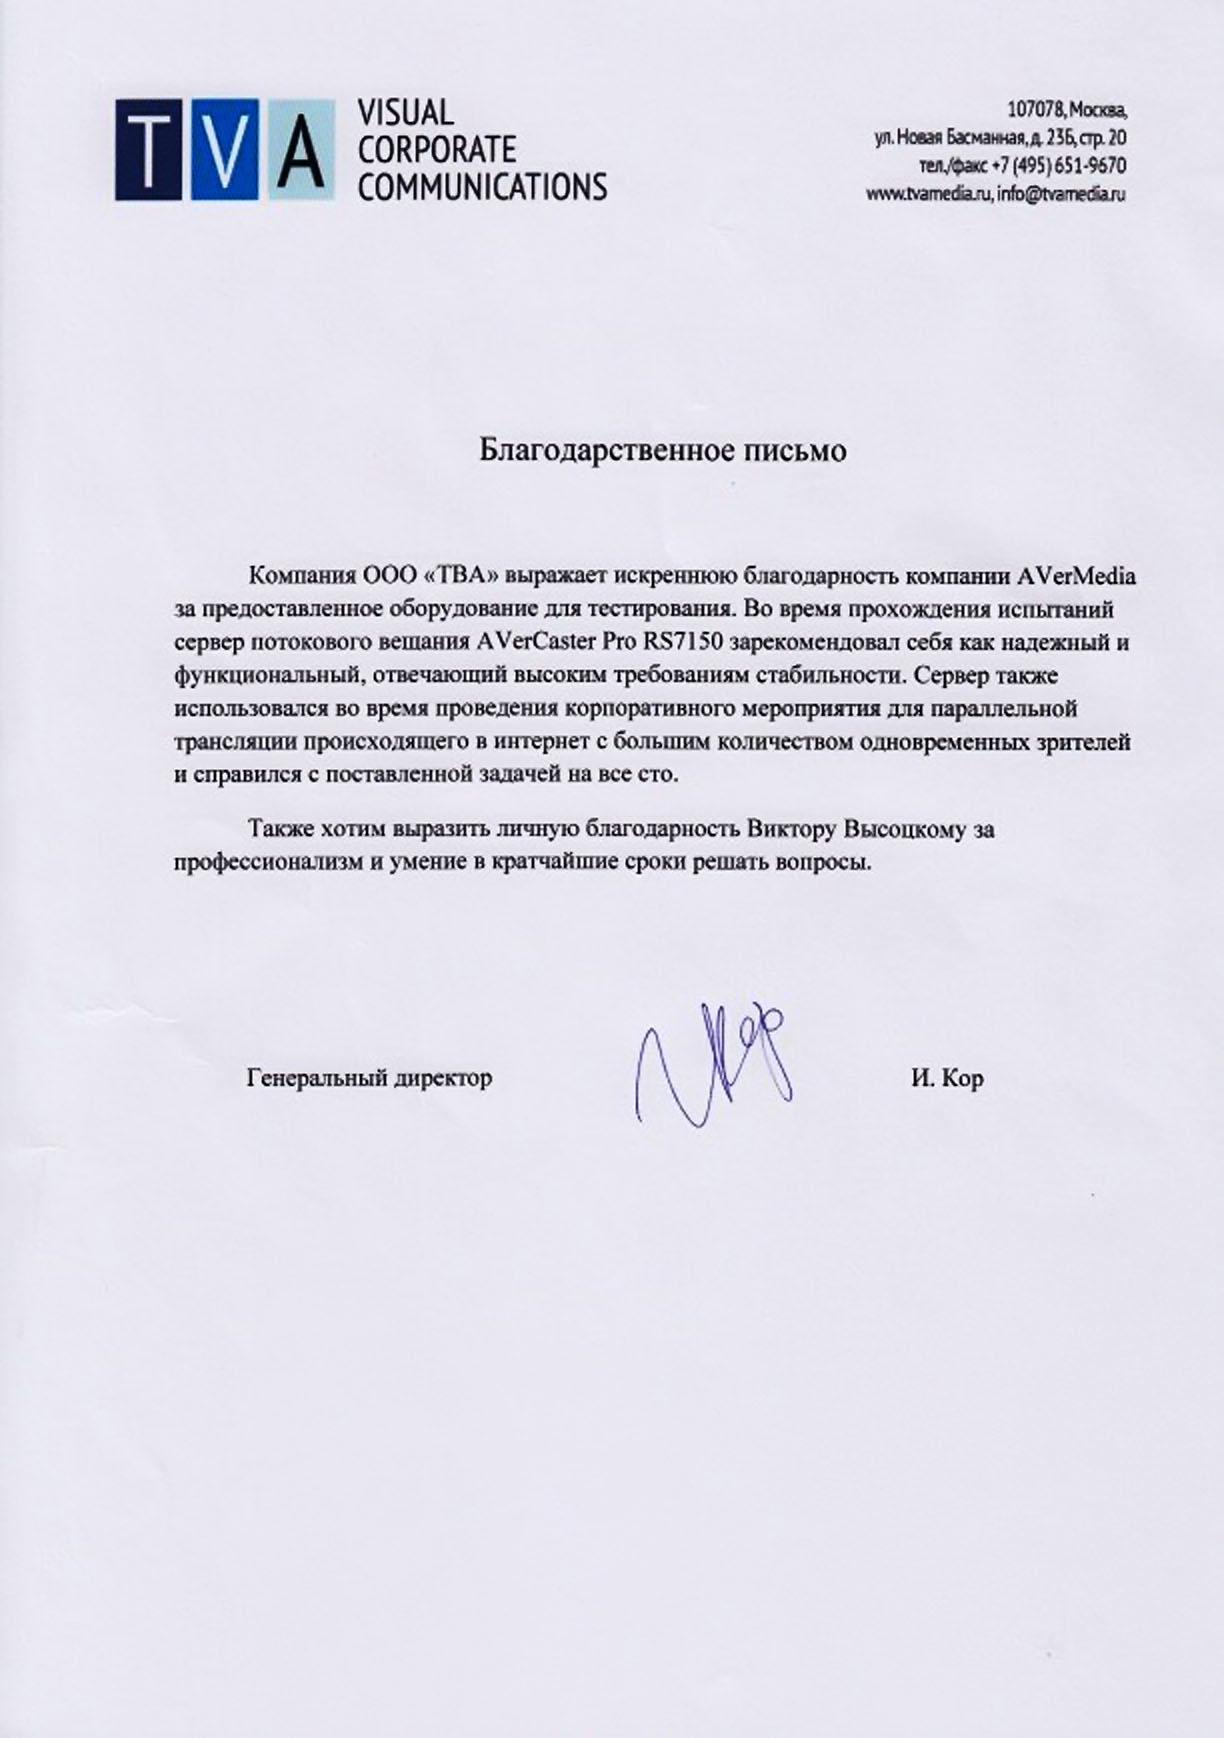 Побор и поставка решения для потового вещания для РЖД системы.